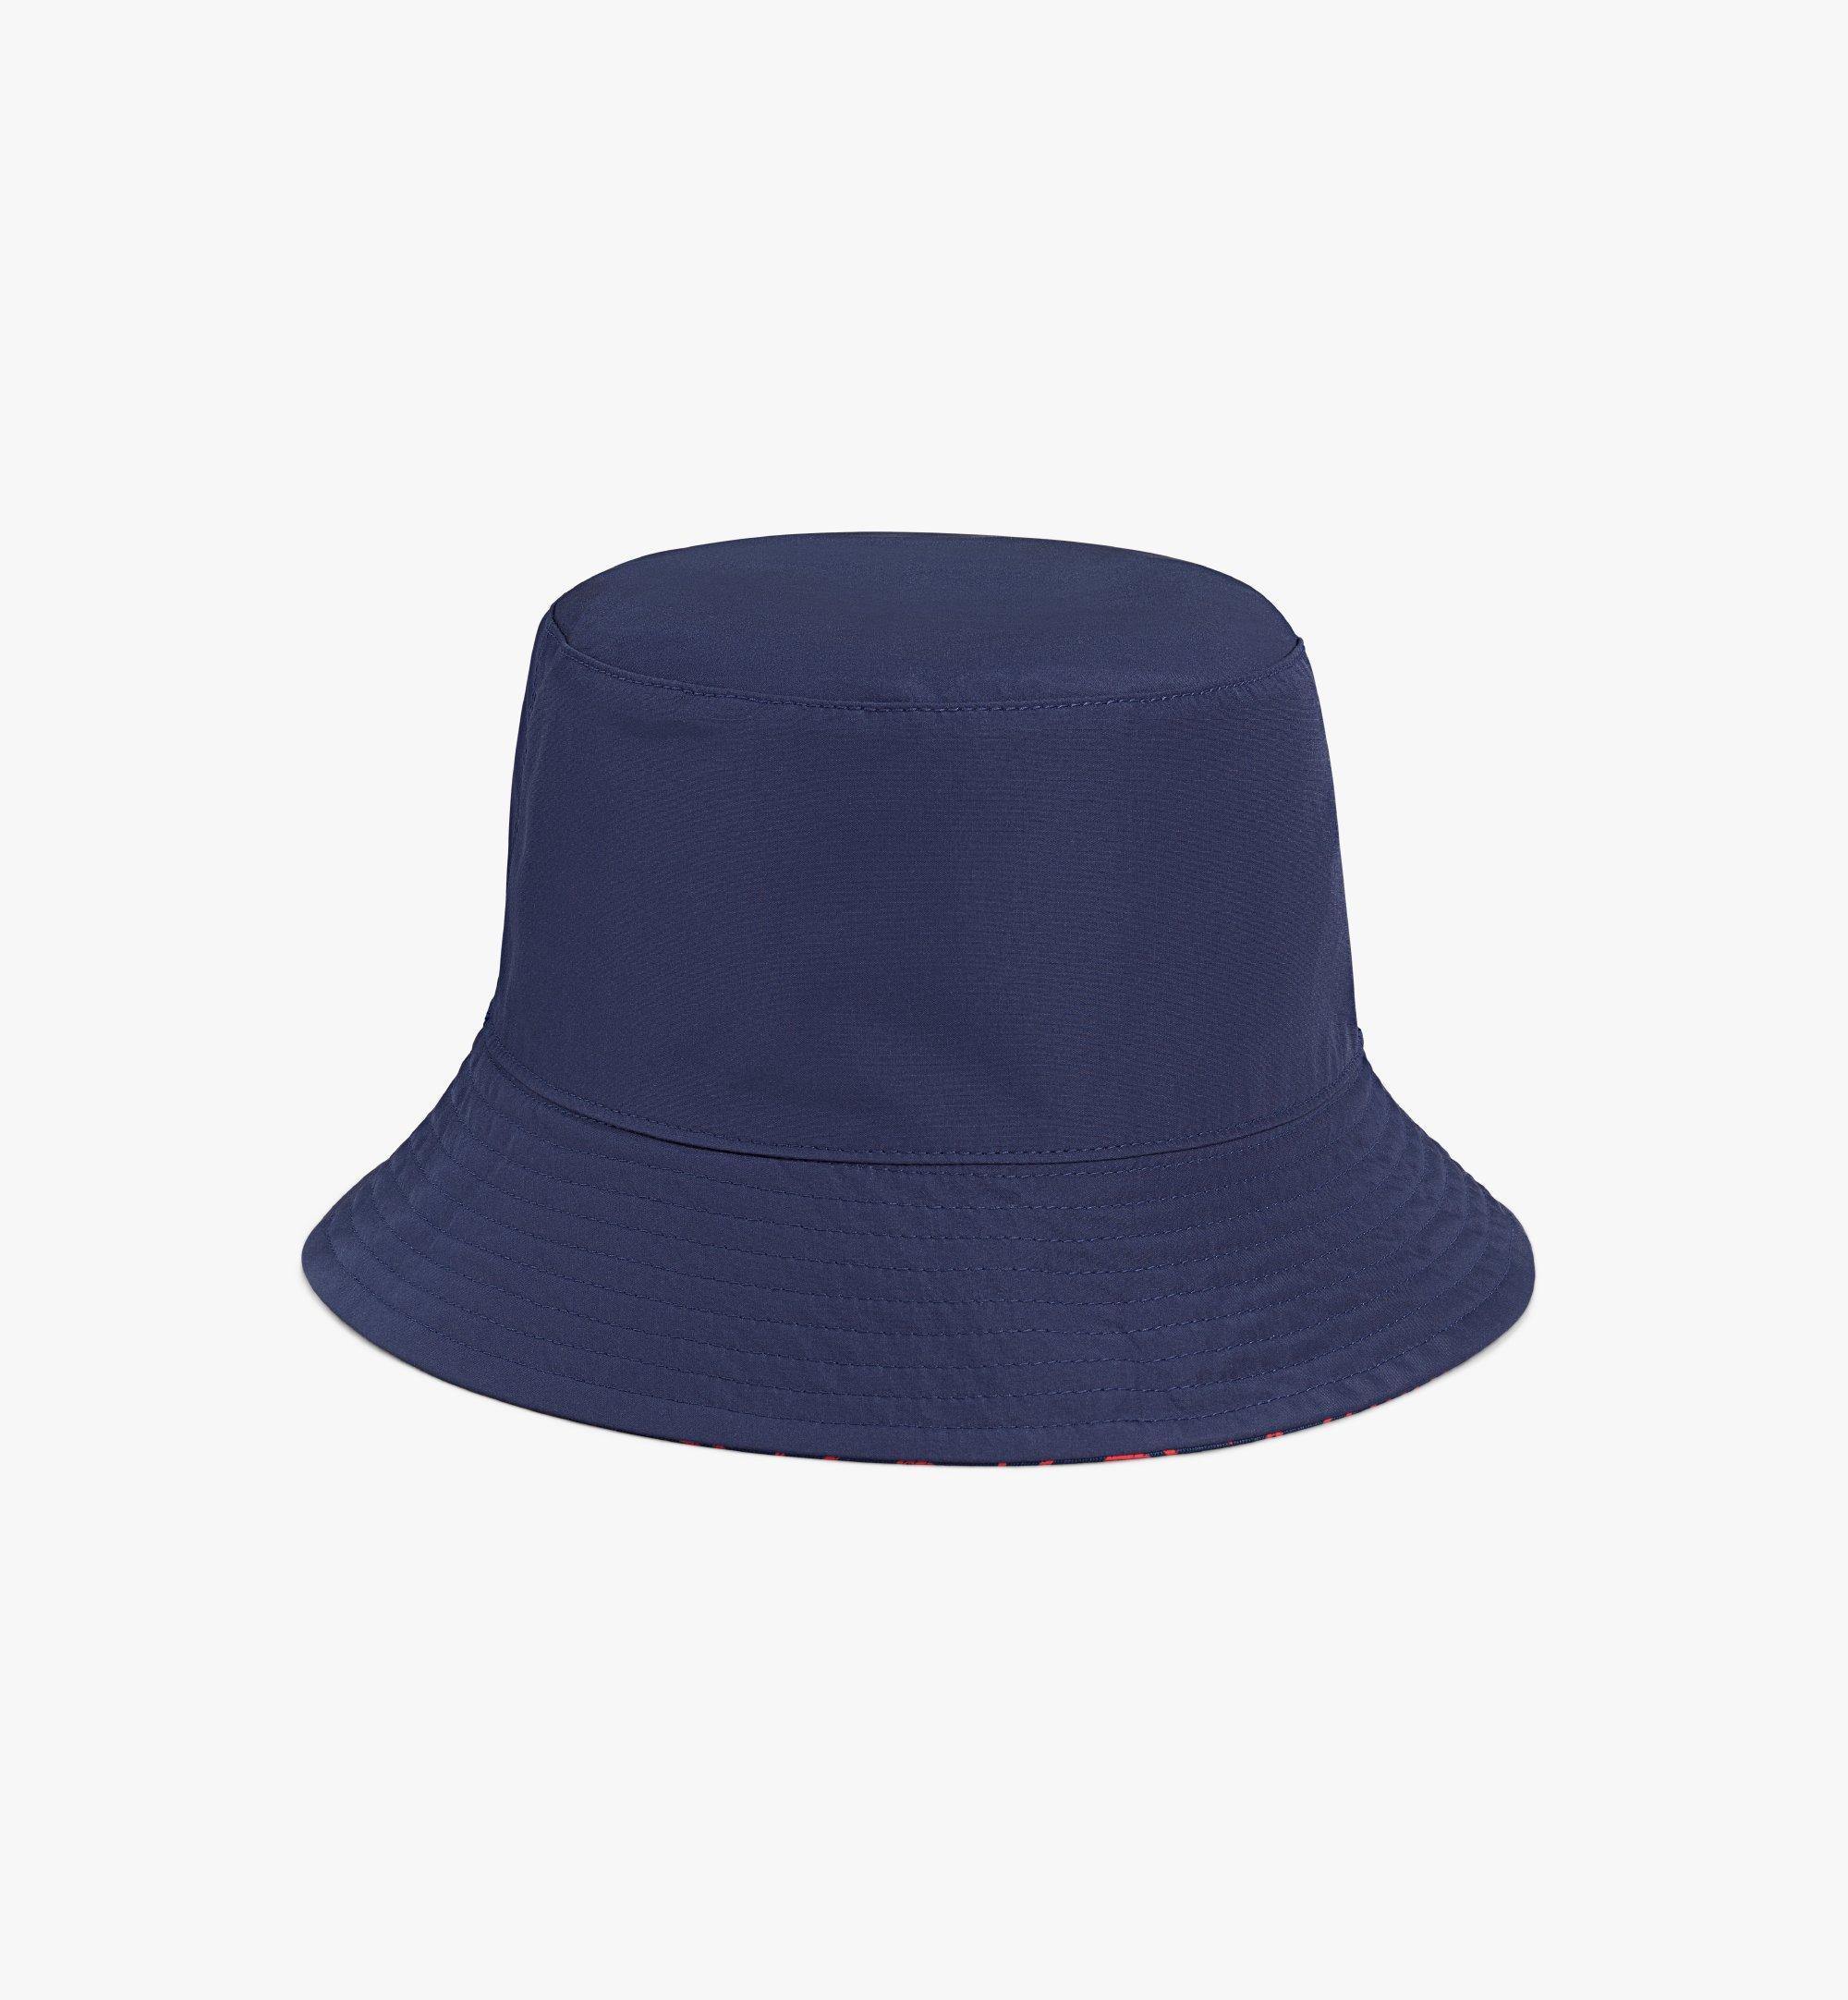 MCM Reversible Monogram Bucket Hat Blue MEHAAMM03VV001 Alternate View 2